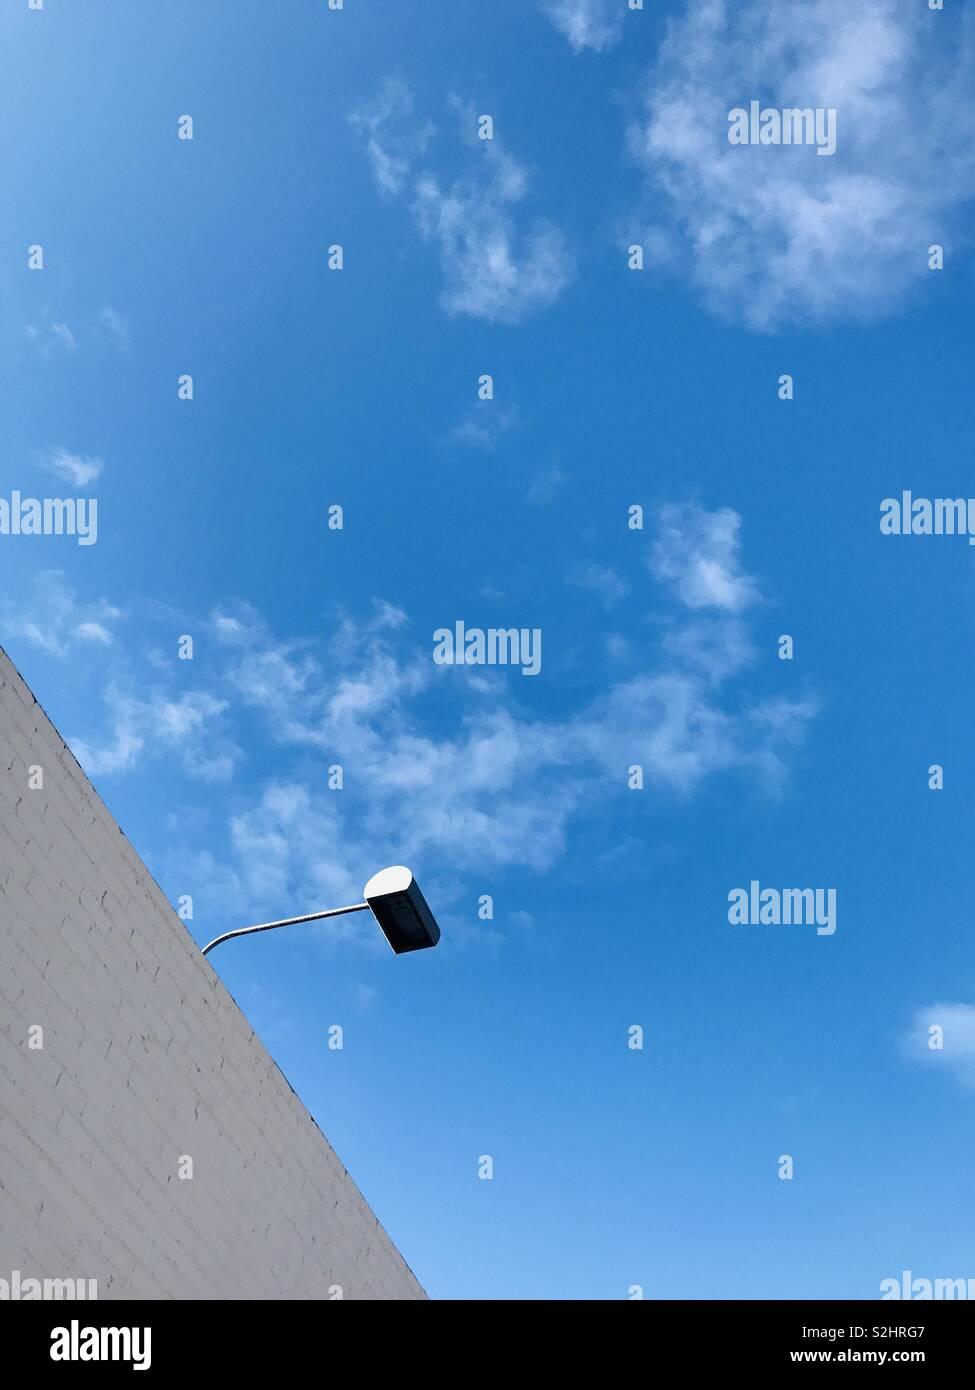 Una lámpara que cuelga en un edificio. Imagen De Stock